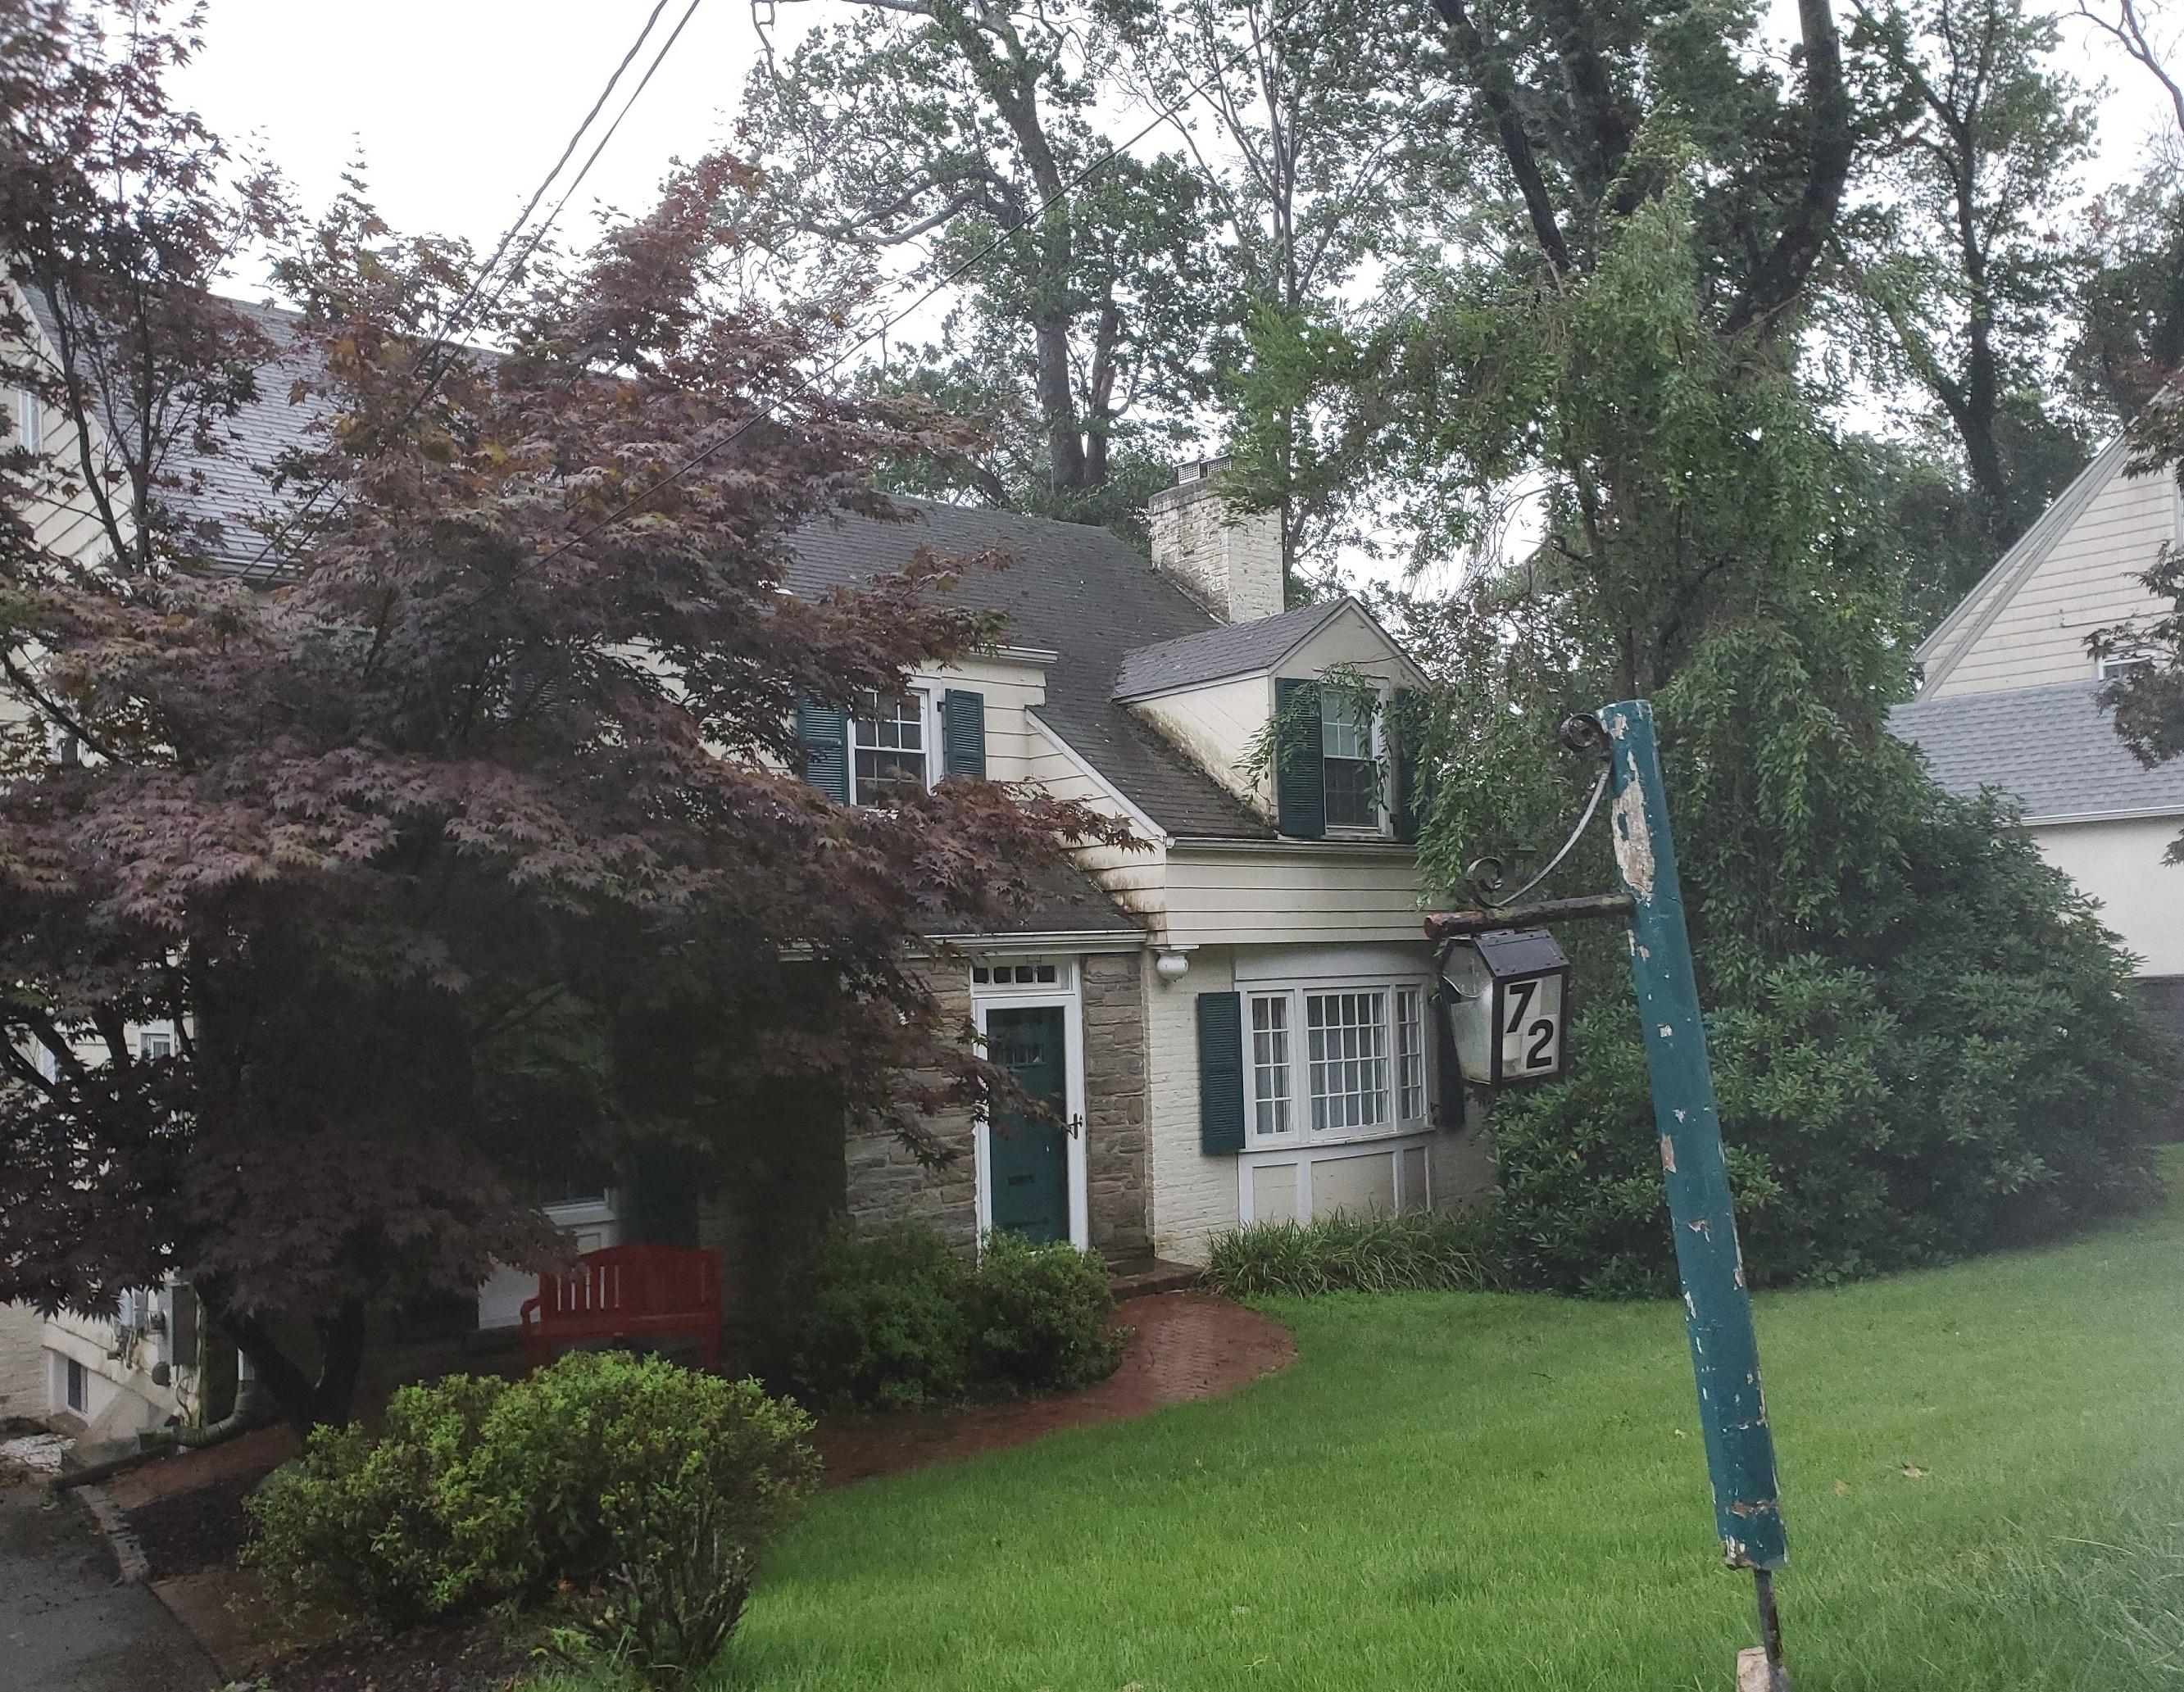 AUCTION PROPERTY – 72 WINDING WAY, WEST ORANGE, NJ 07052